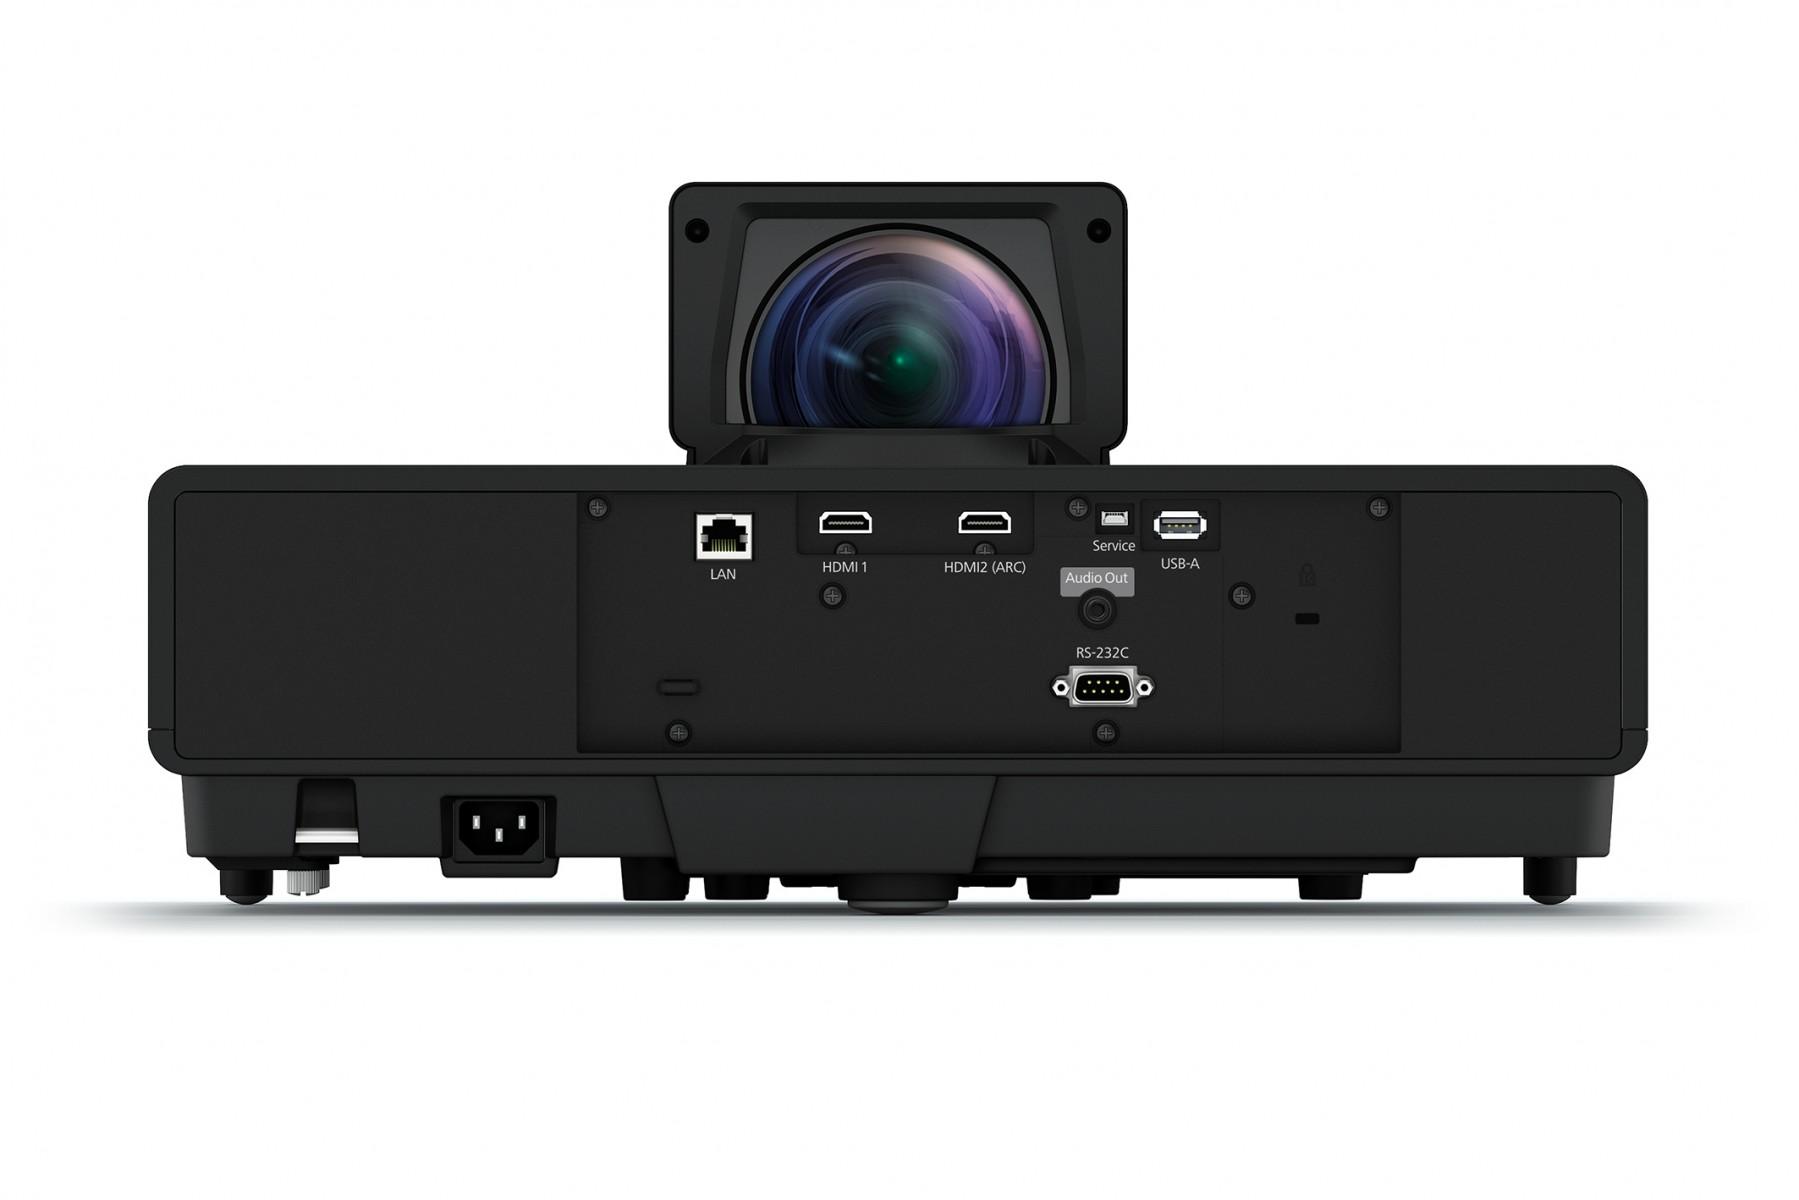 Epson LS-500